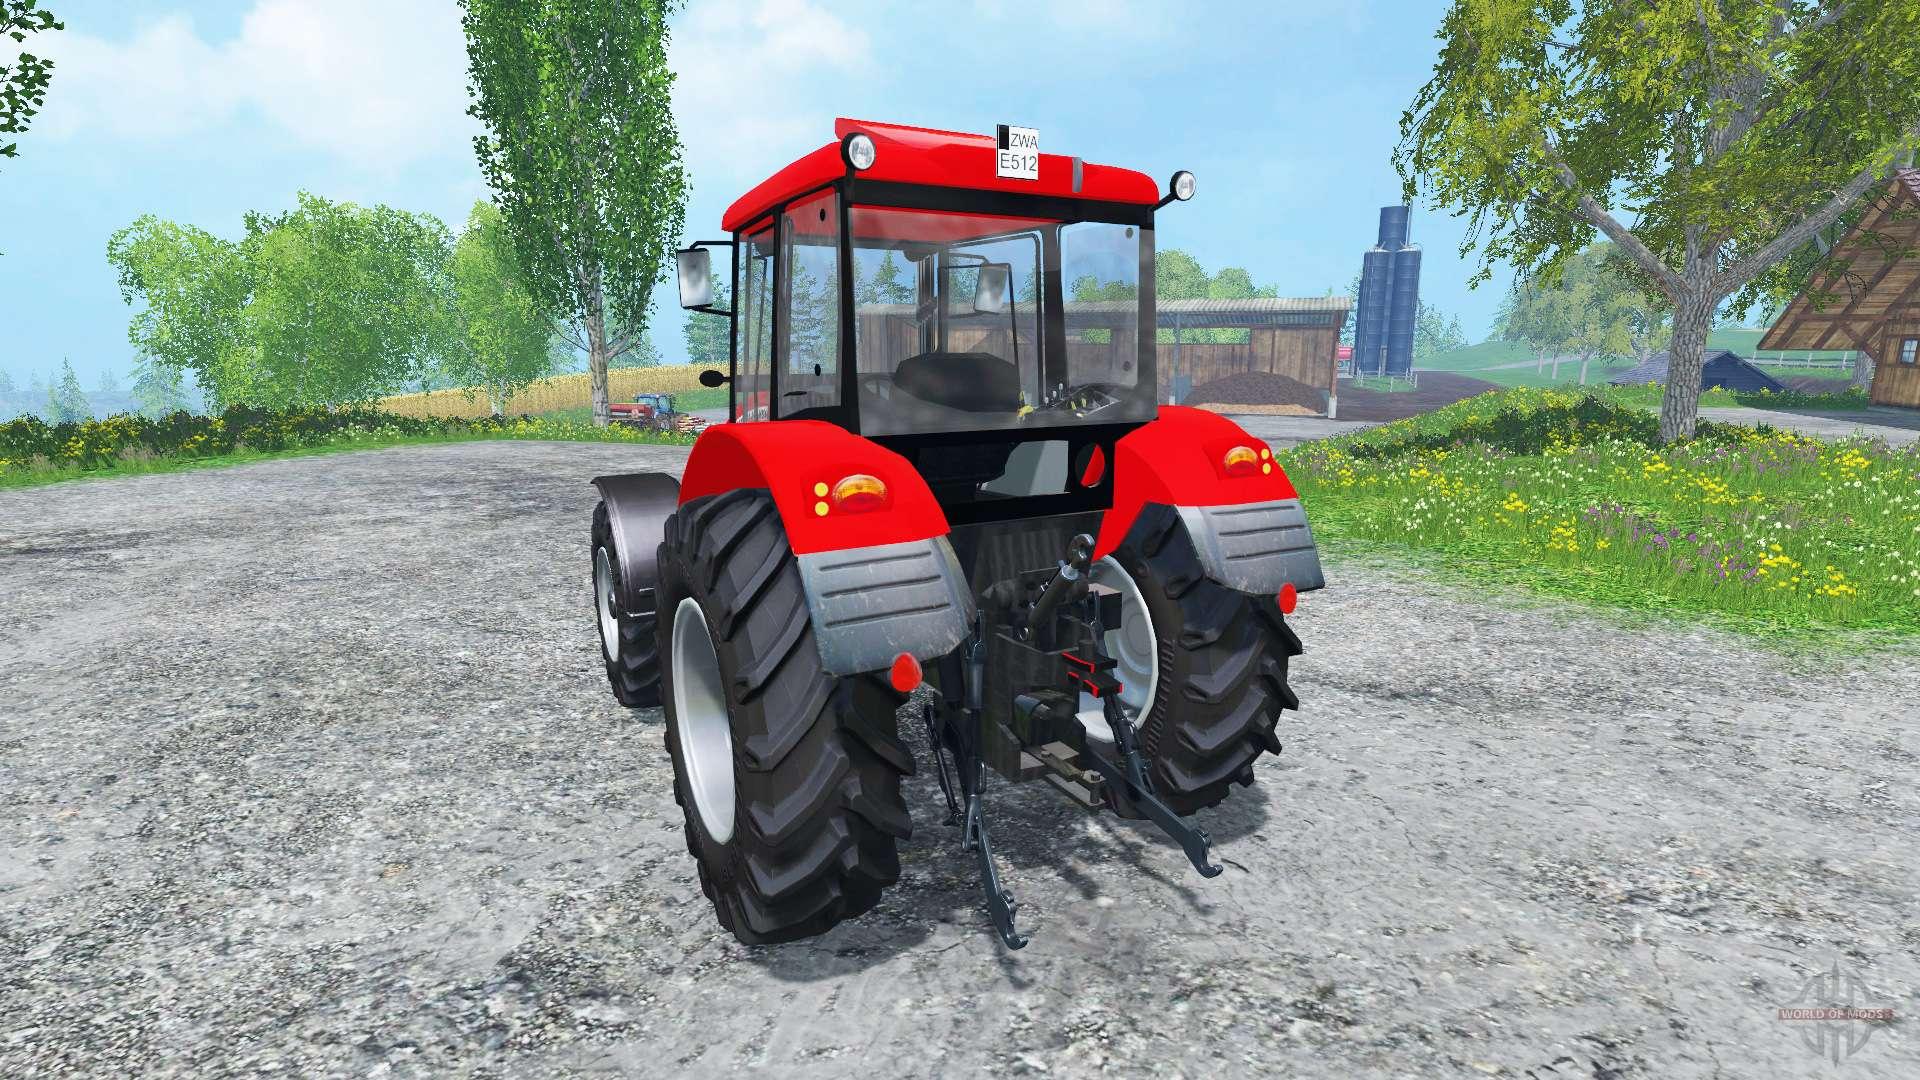 roues de tracteur agricole - photo #22